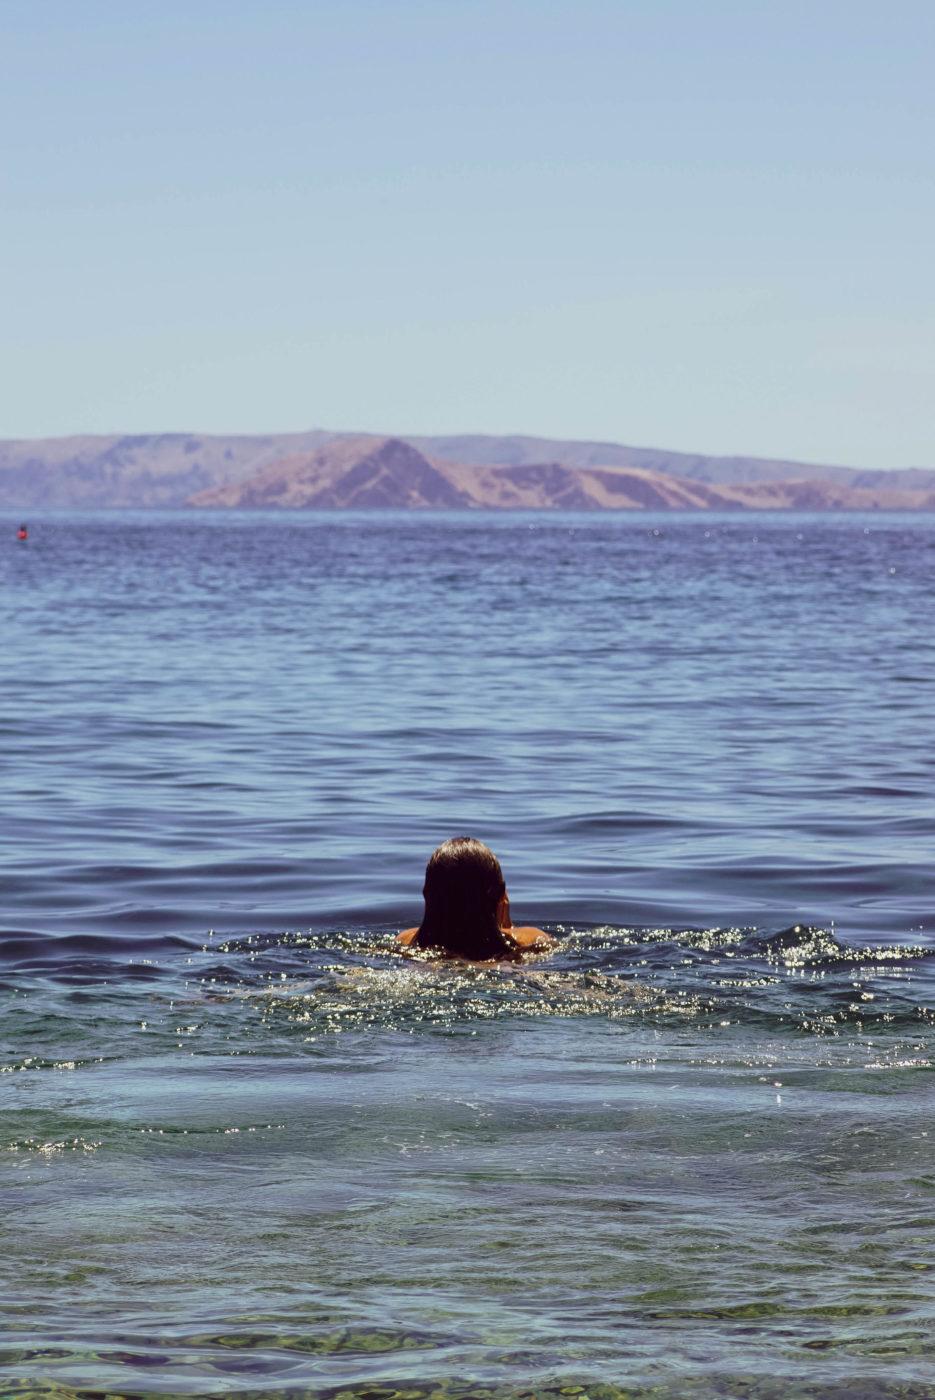 Lea schwimmt bei Sonnenschein aufs Meer hinaus. Im Hintergrund ist die Küste einer Insel zu sehen.